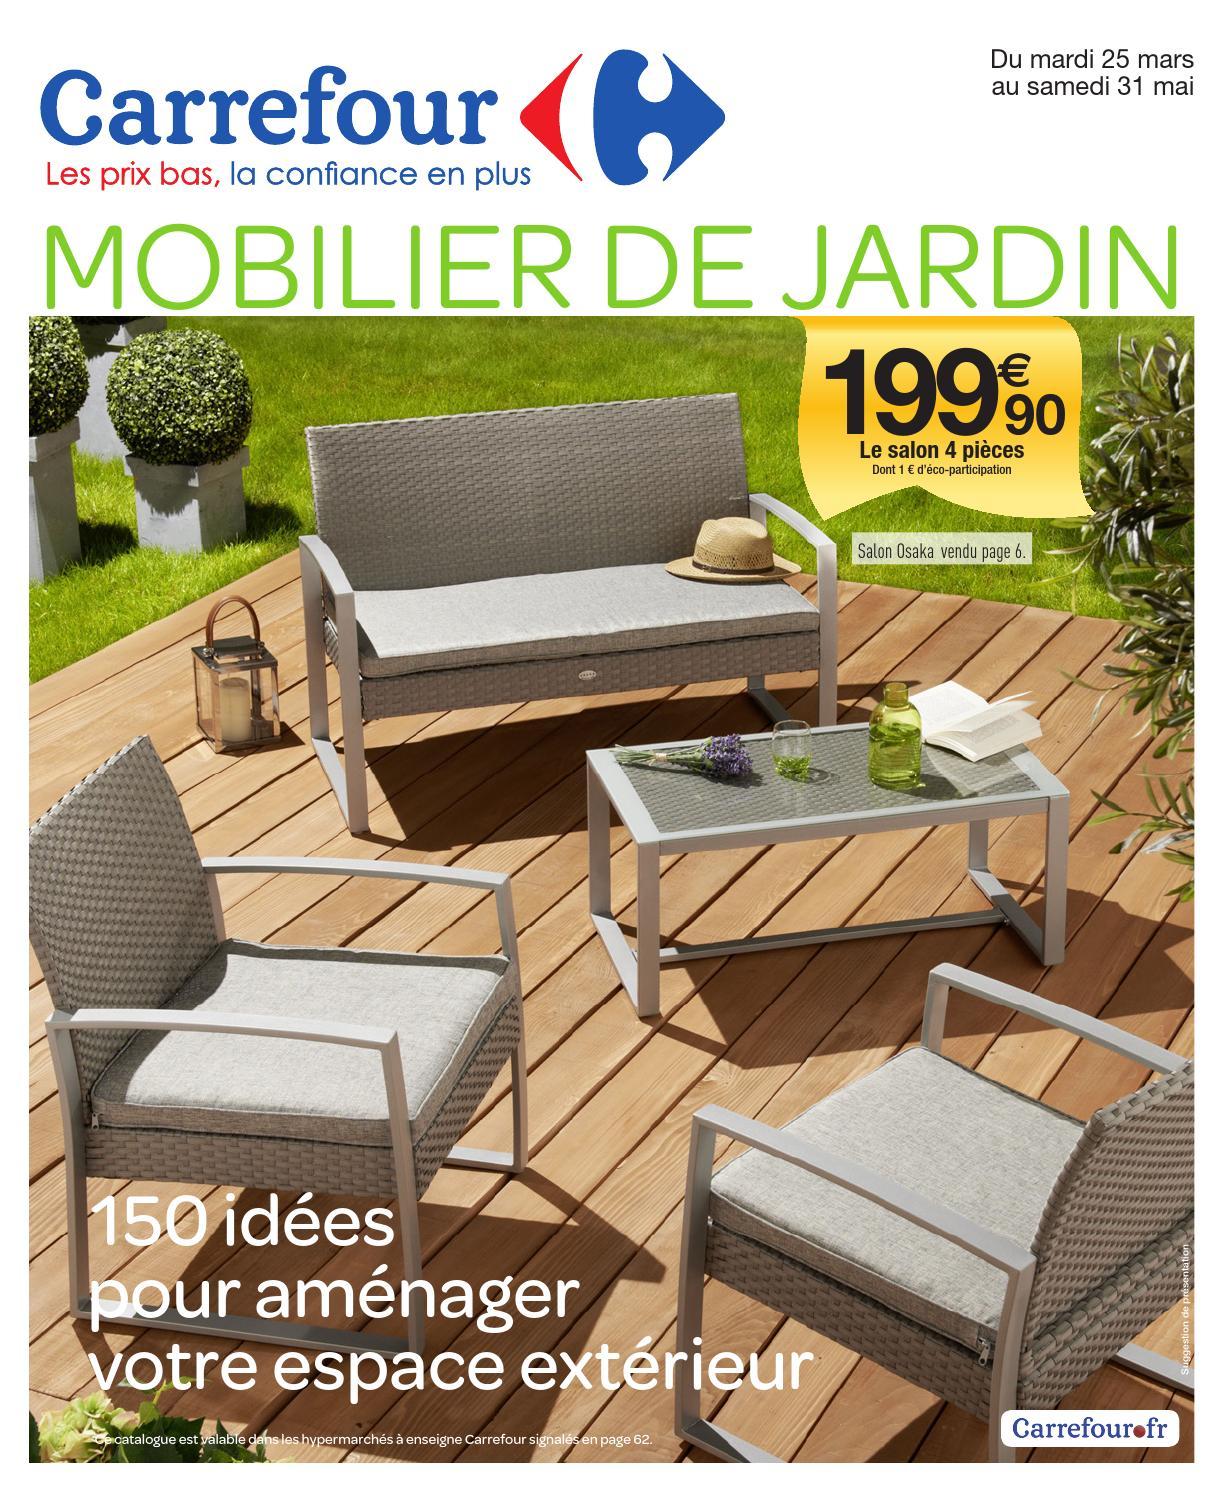 Catalogue Carrefour - 25.03-31.05.2014 By Joe Monroe - Issuu intérieur Balancelle De Jardin Leclerc